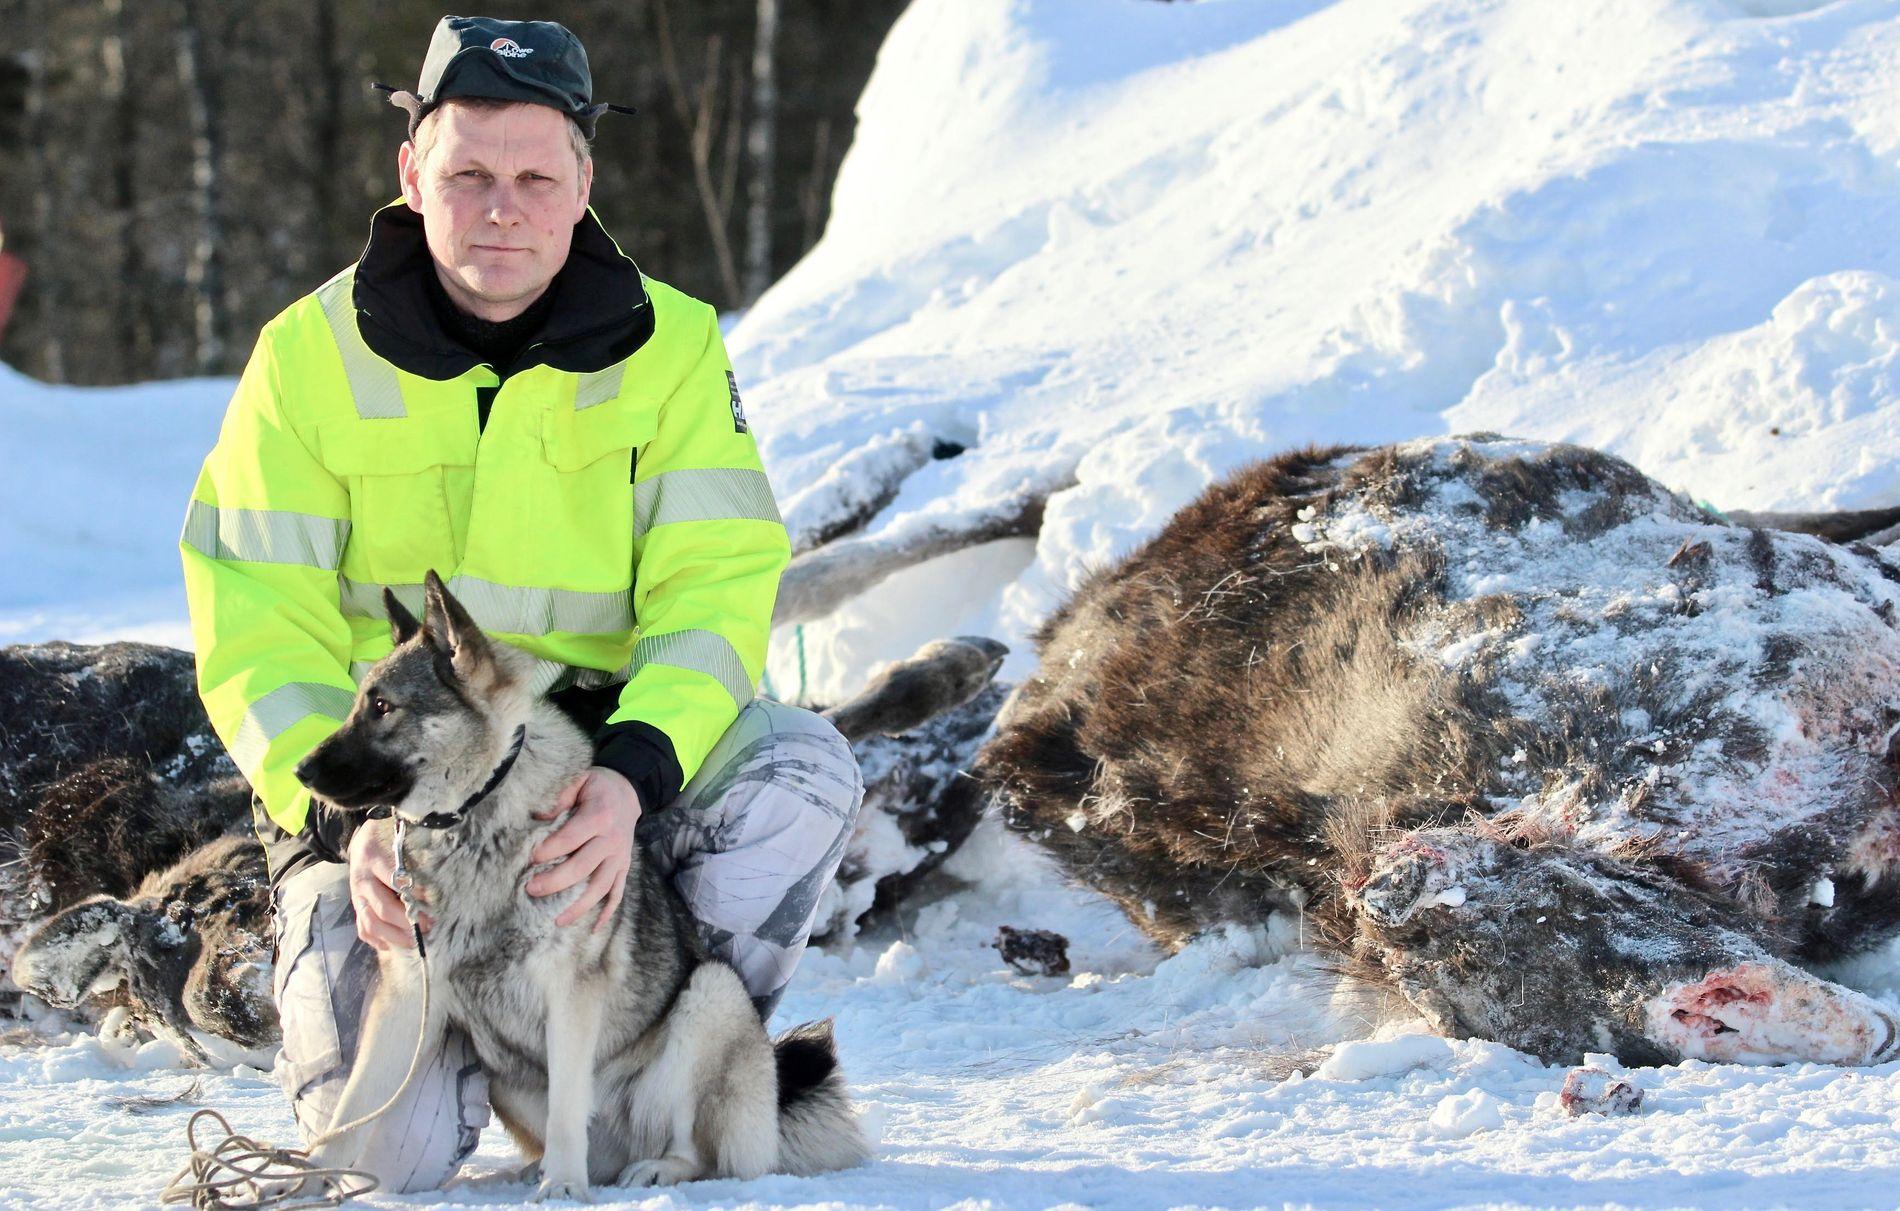 – BLODBAD: Geir Snefjellå jobber i Rana kommunes vilt-ettersøksgruppe. Hver gang en elg blir påkjørt må han, eller en av kollegene, rykke ut. Han omtaler det som et «blodbad».